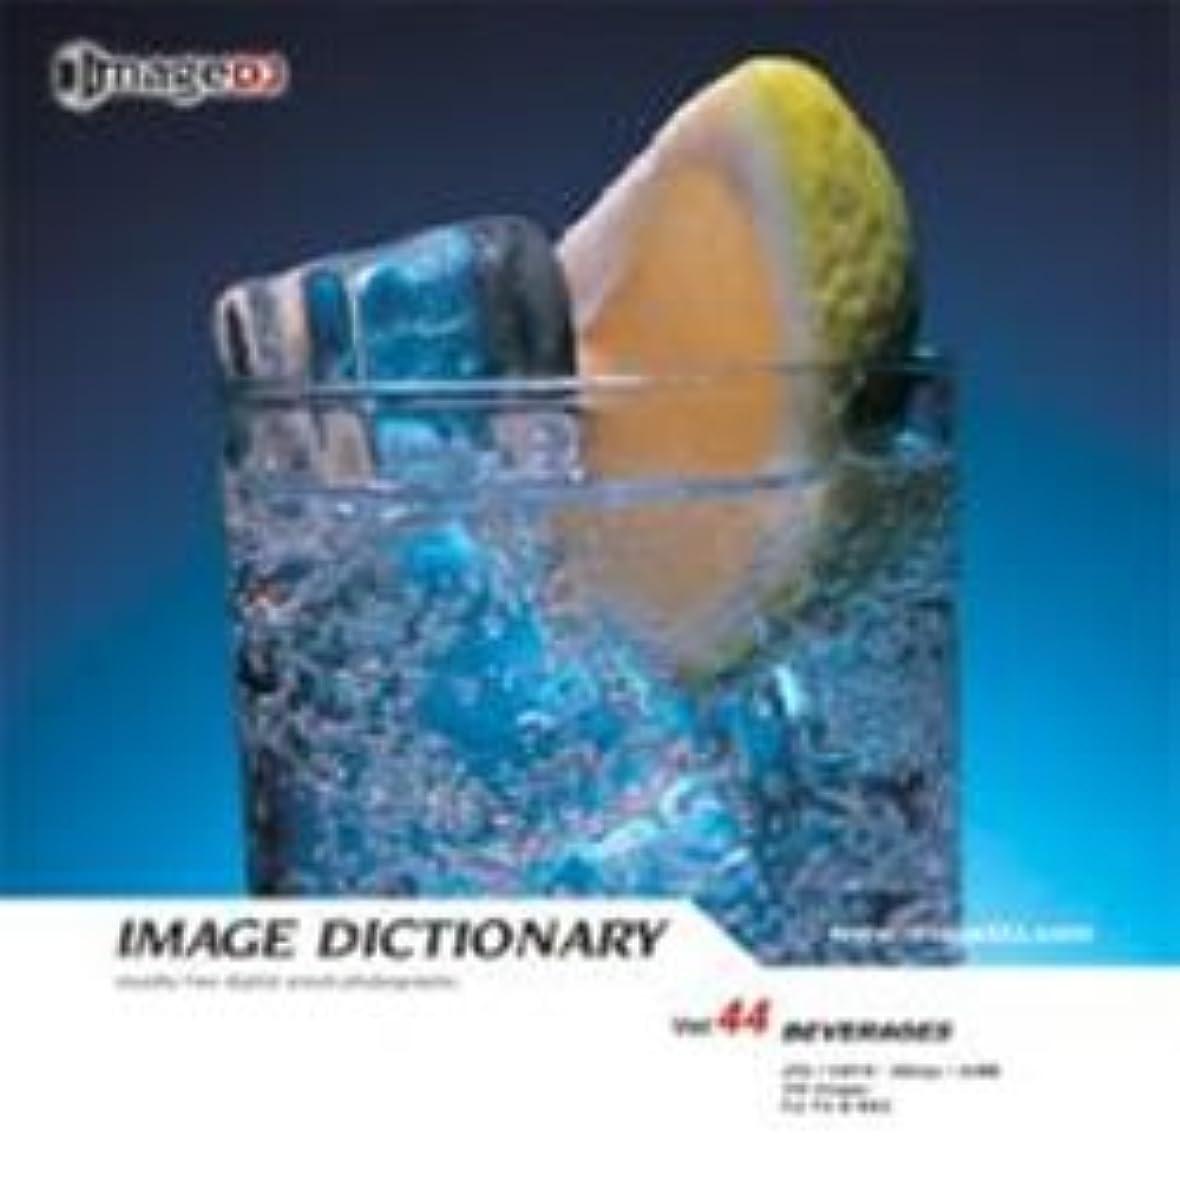 電気竜巻油イメージ ディクショナリー Vol.44 飲み物